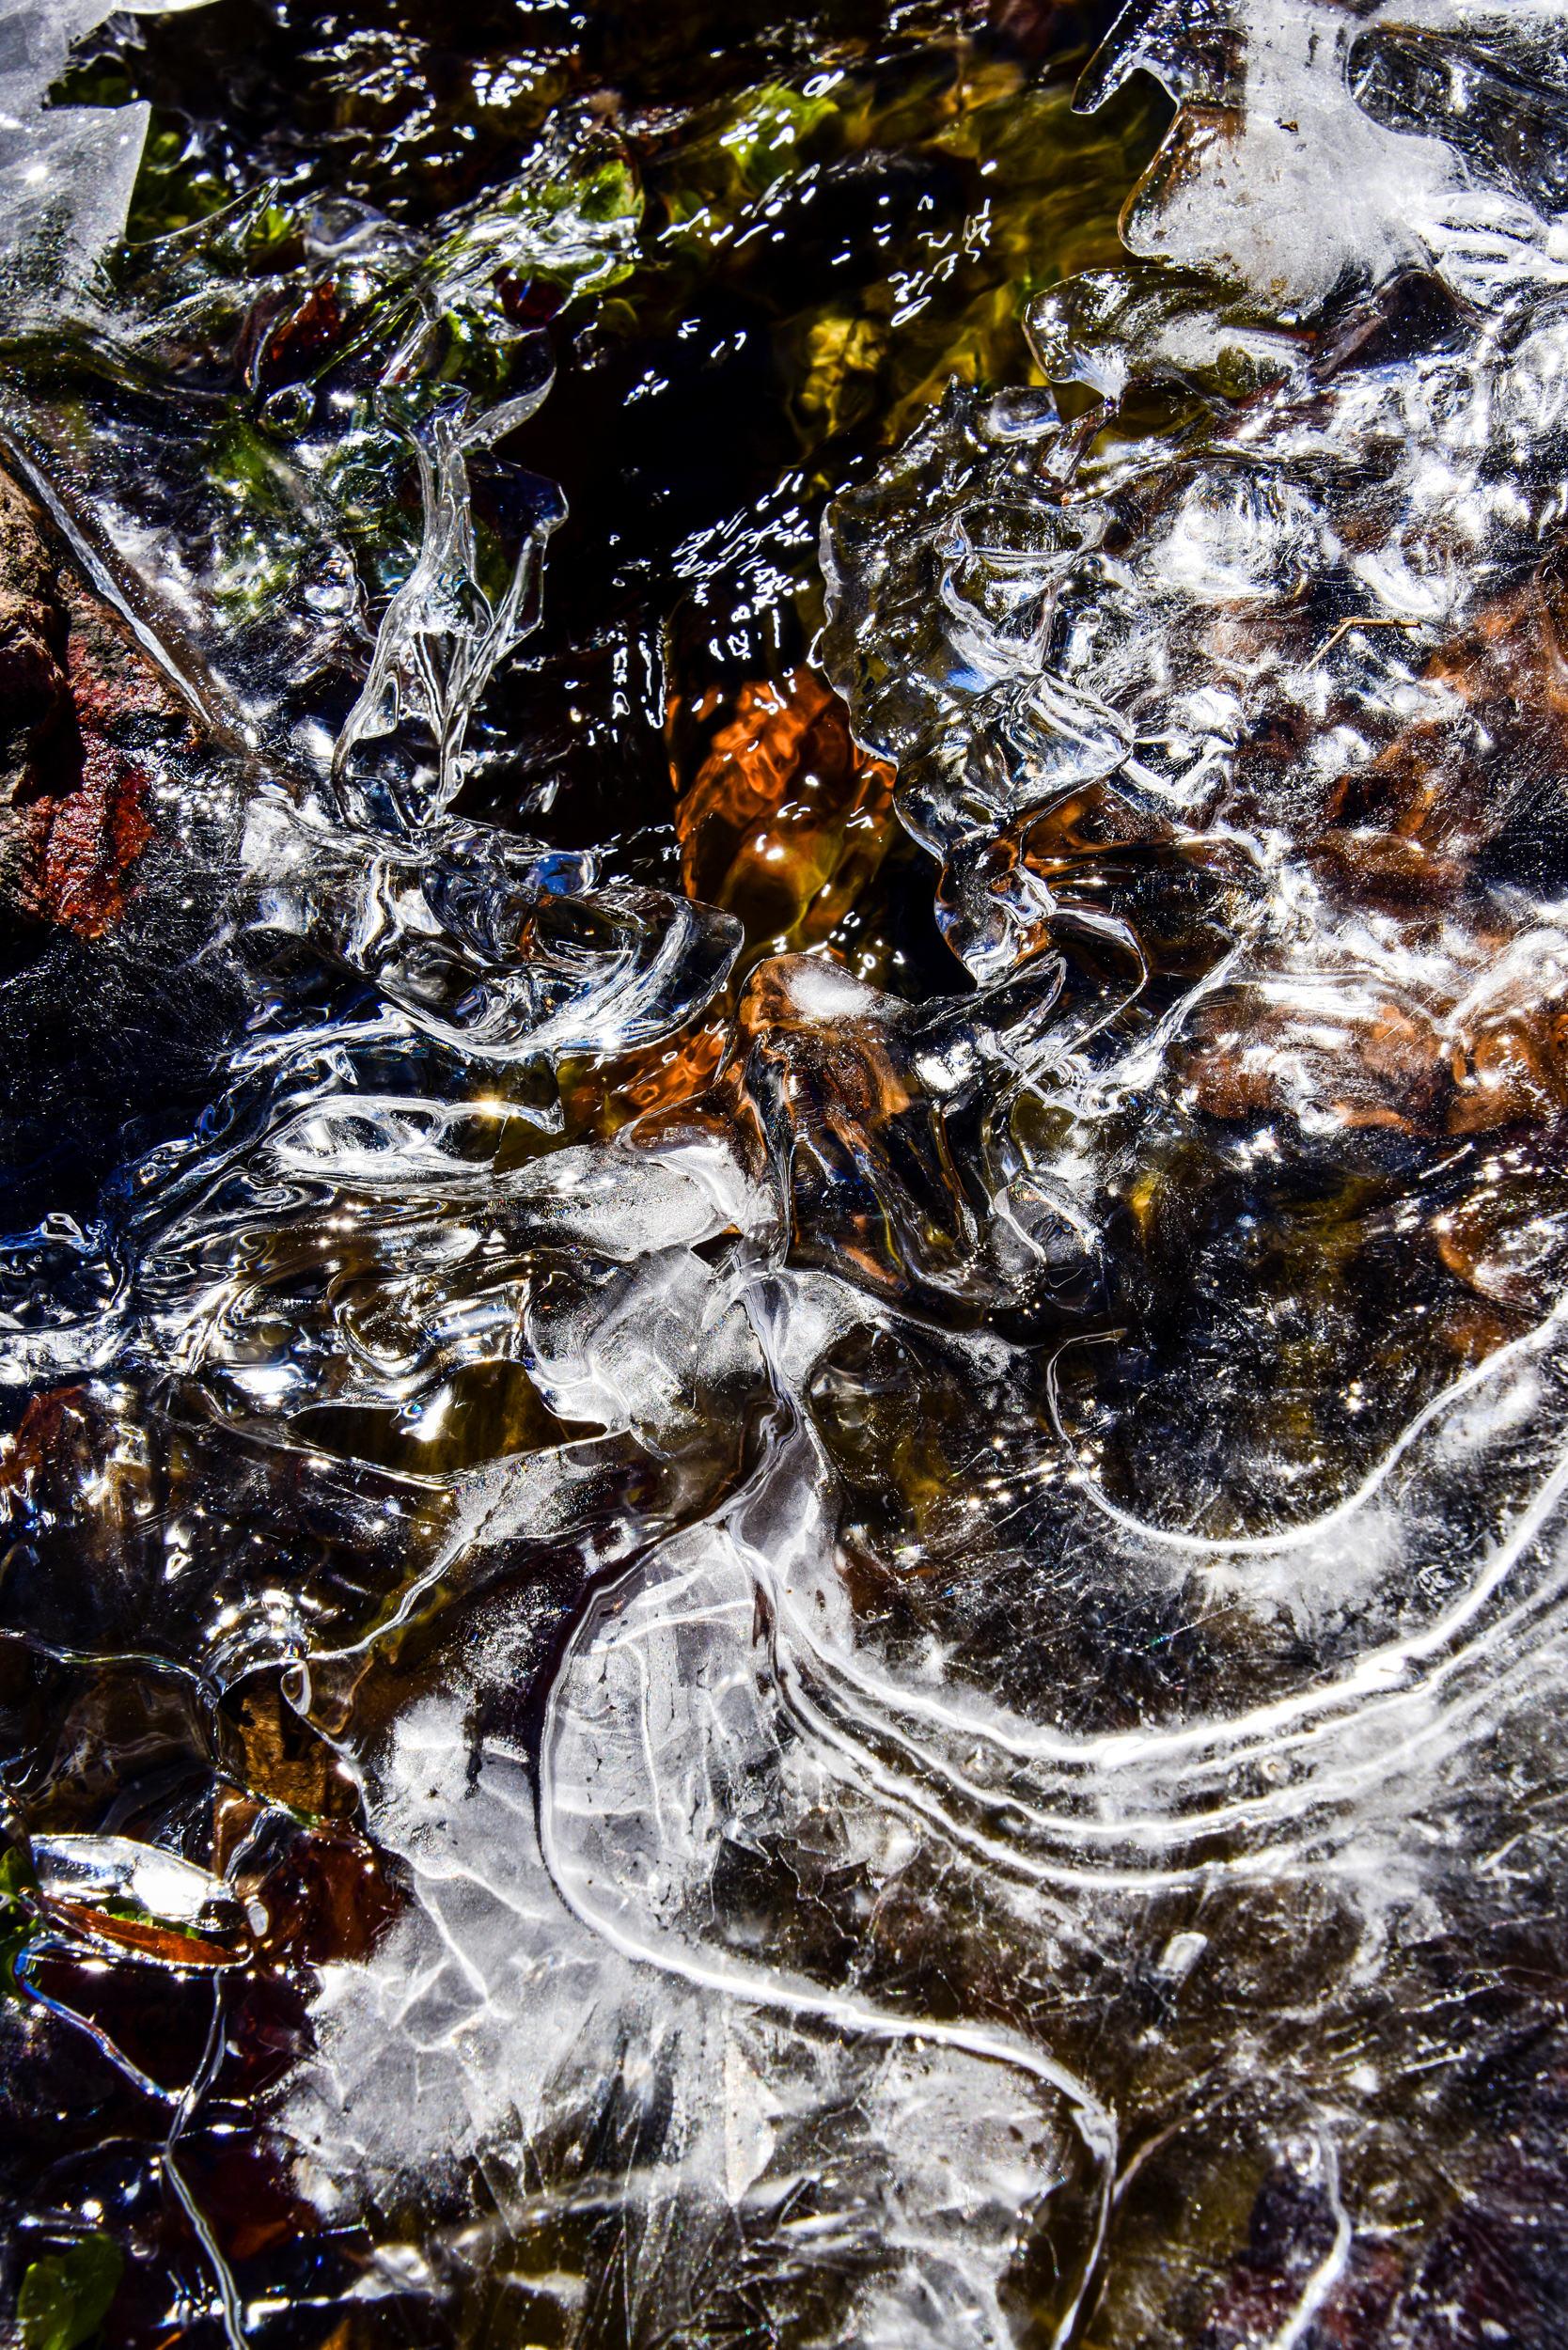 Creek Art web.jpg